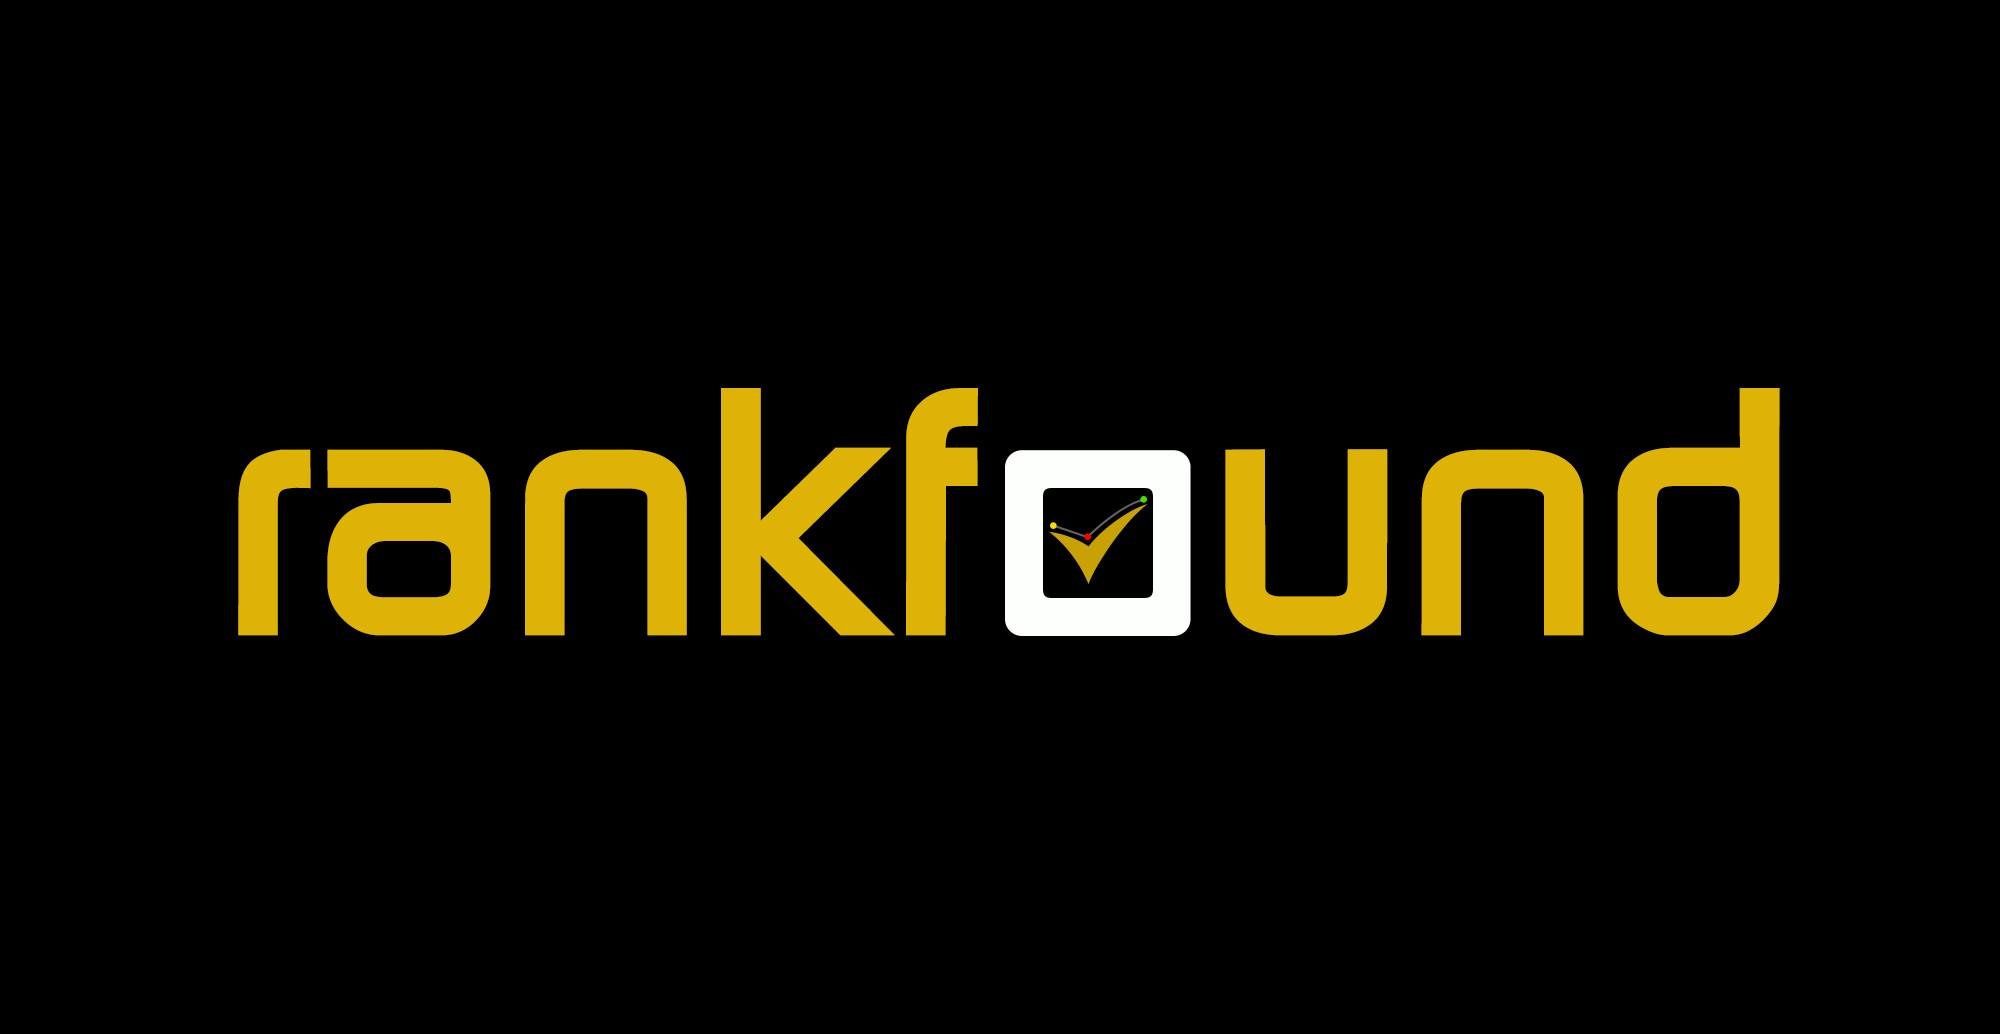 rankfound logo